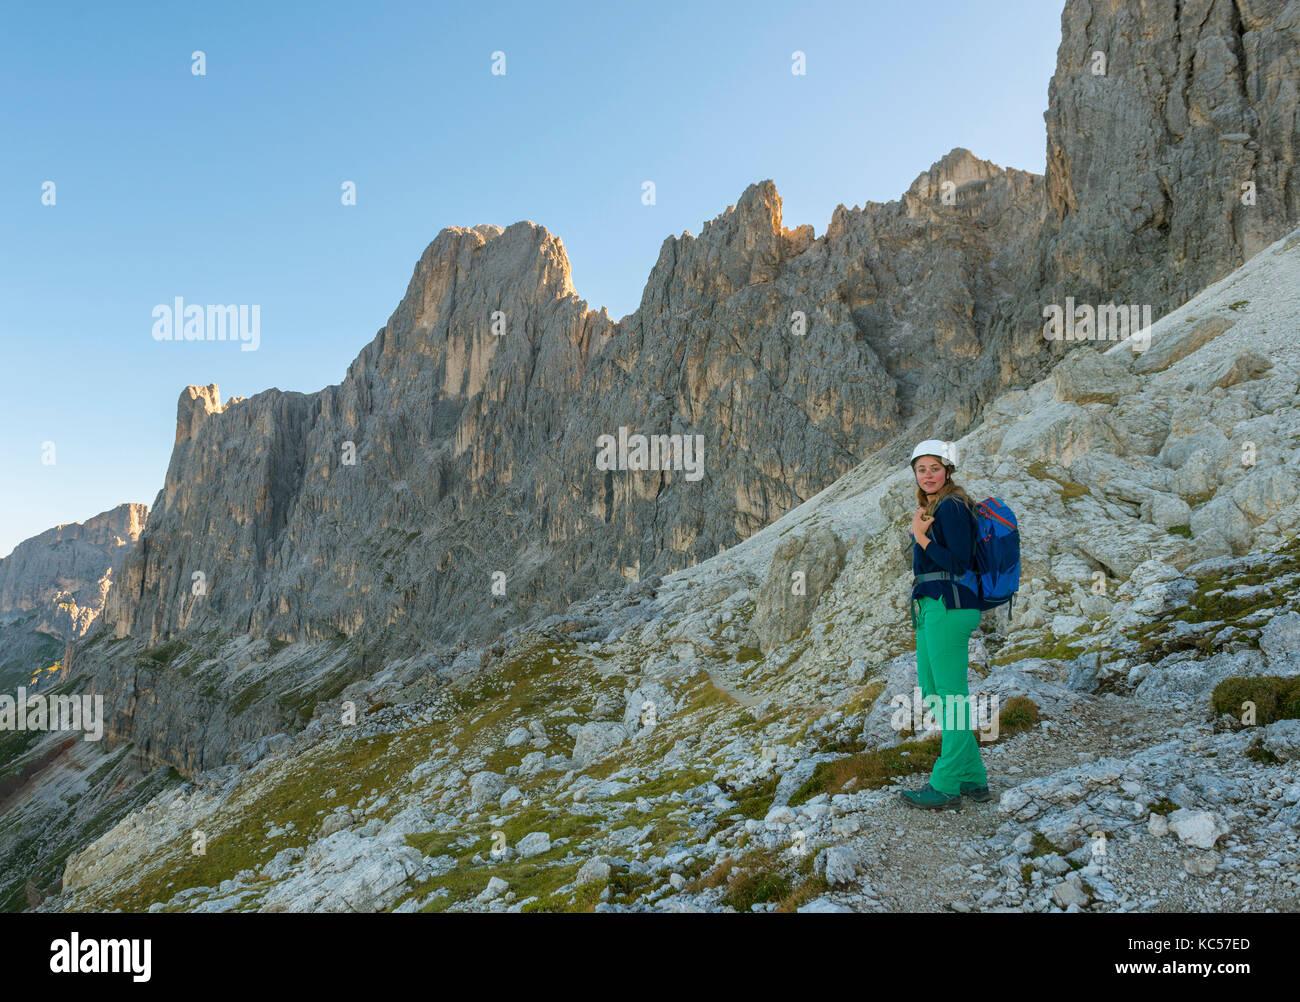 Klettersteig Rosengarten : Wanderer auf dem santner klettersteig rosengarten dolomiten